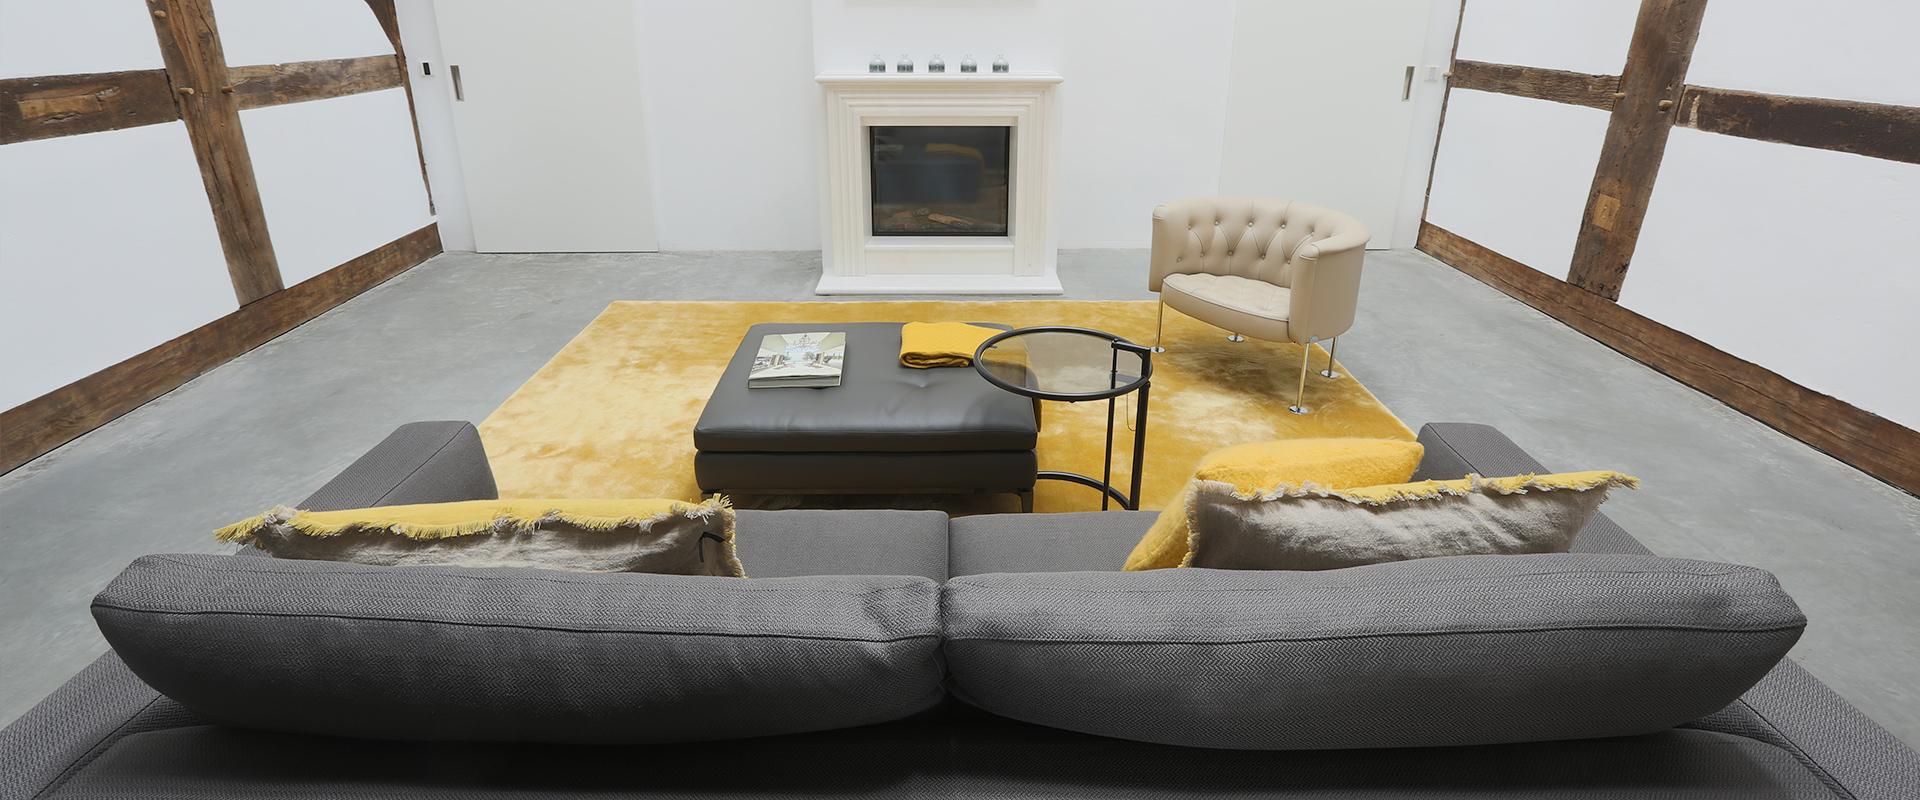 Außergewöhnlich und wertvoll: Hans G. Bock steht für moderne Inneneinrichtungen.